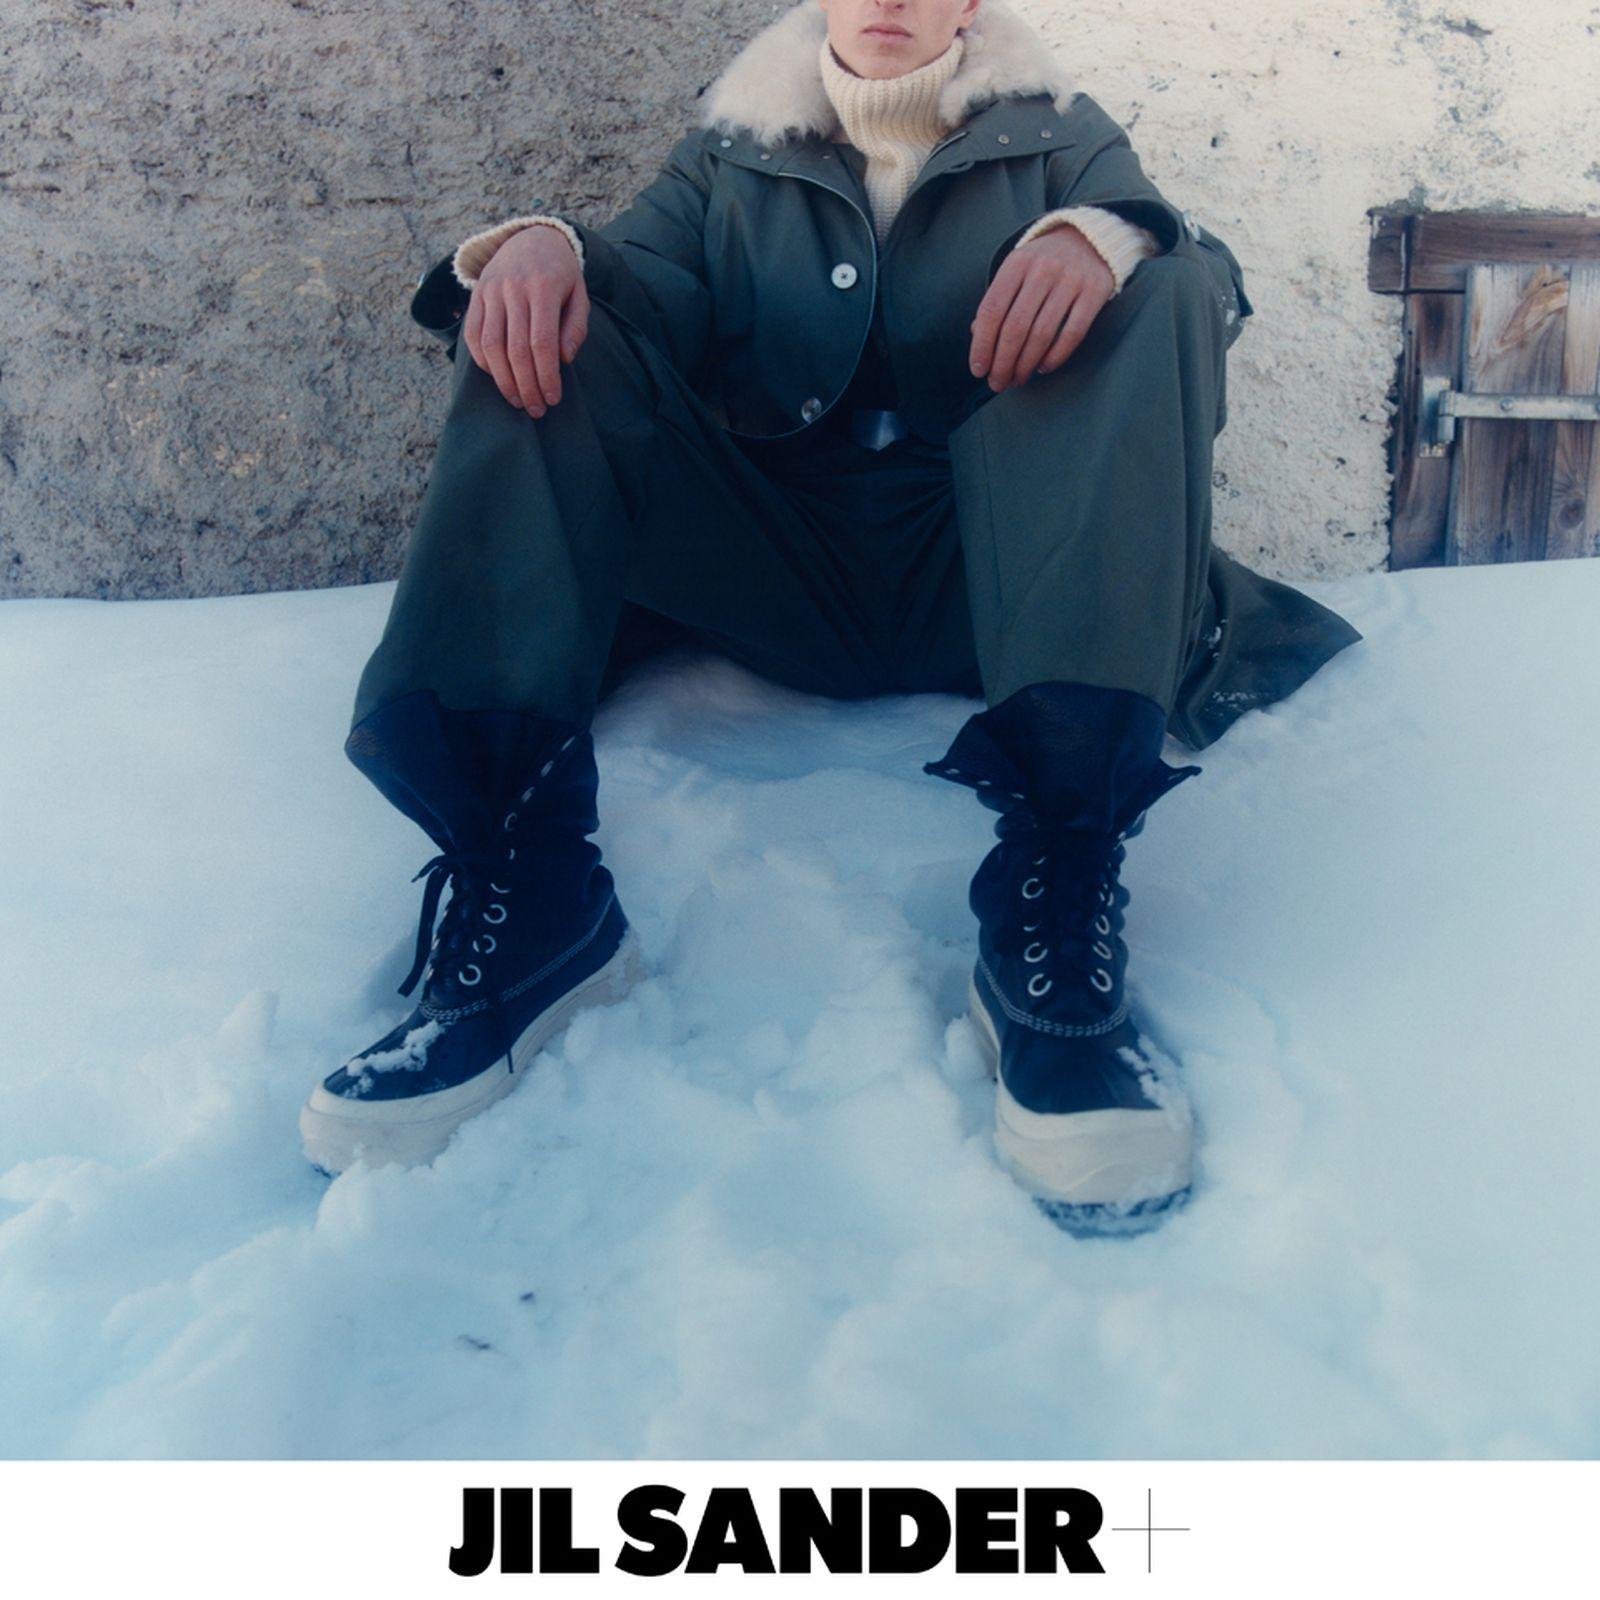 jil sander plus fall winter 2021 campaign (5)